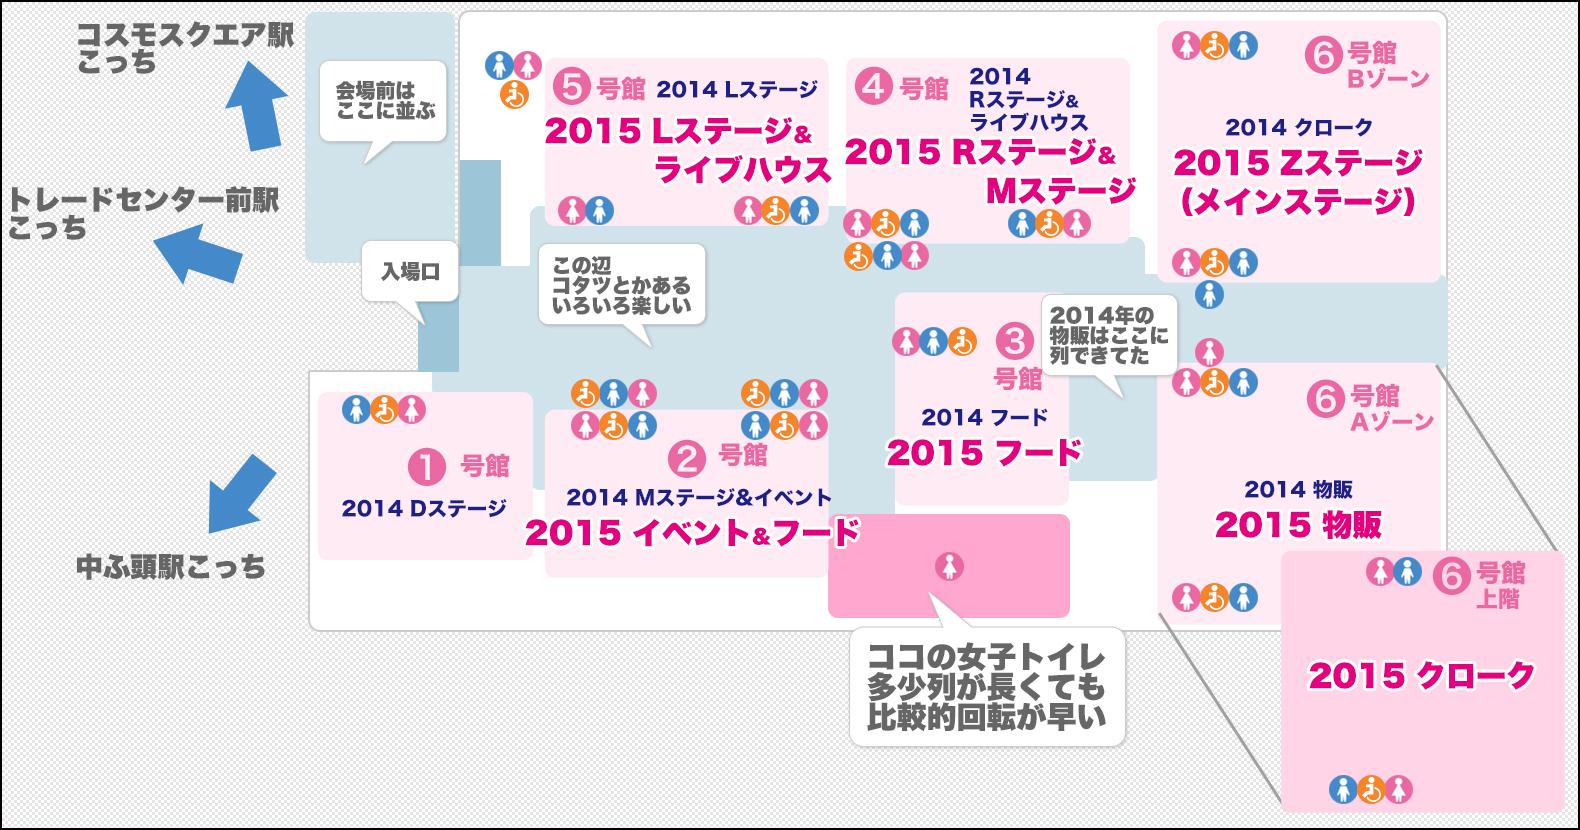 レディクレ2014と2015比較